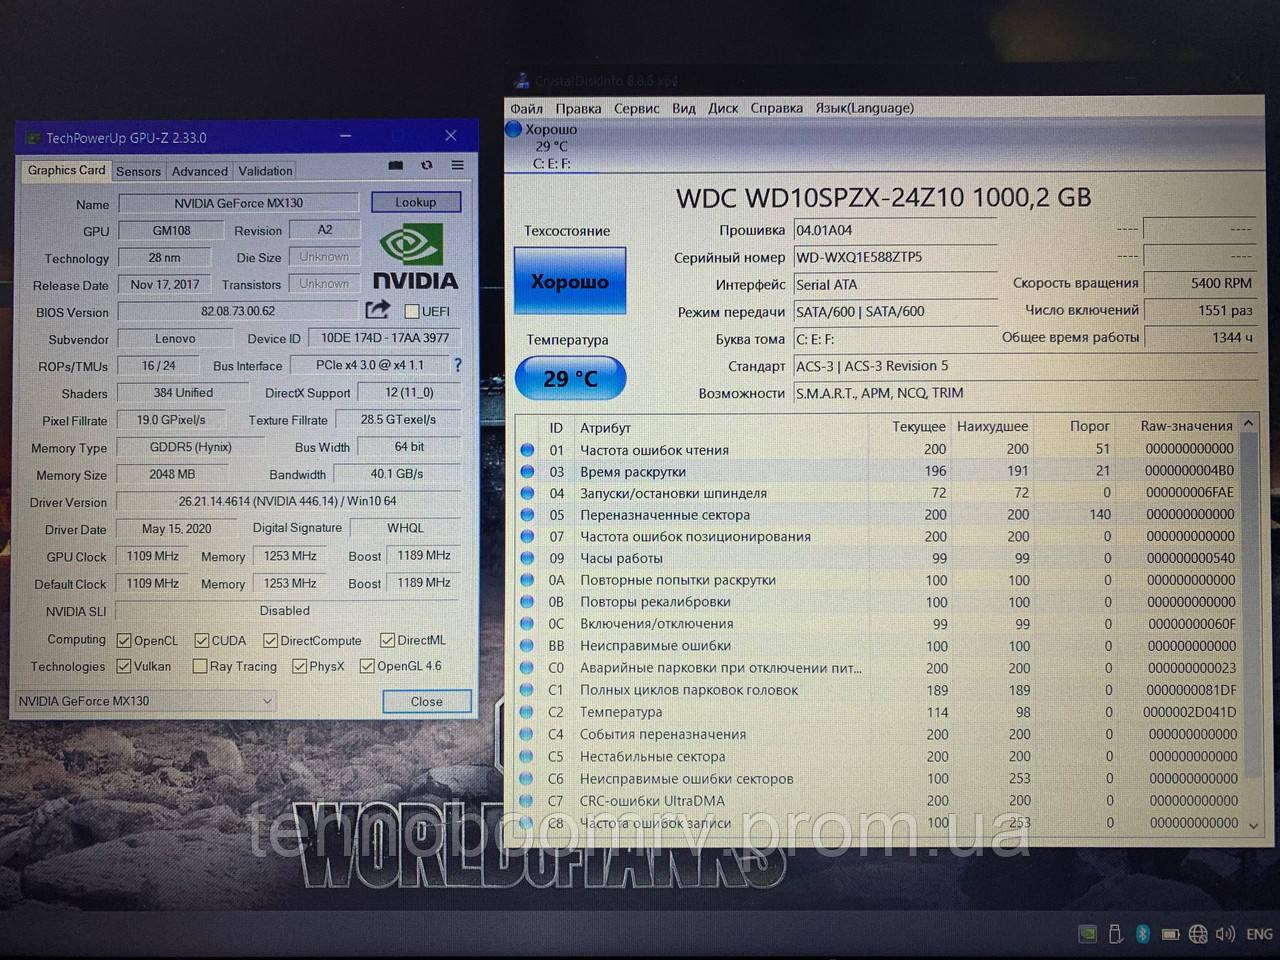 Игровой Lenovo/15.6 FHD/Intel i5-7200U 3.1GHz/DDR4 6GB/Карта MX130 2GBНет в наличии 5